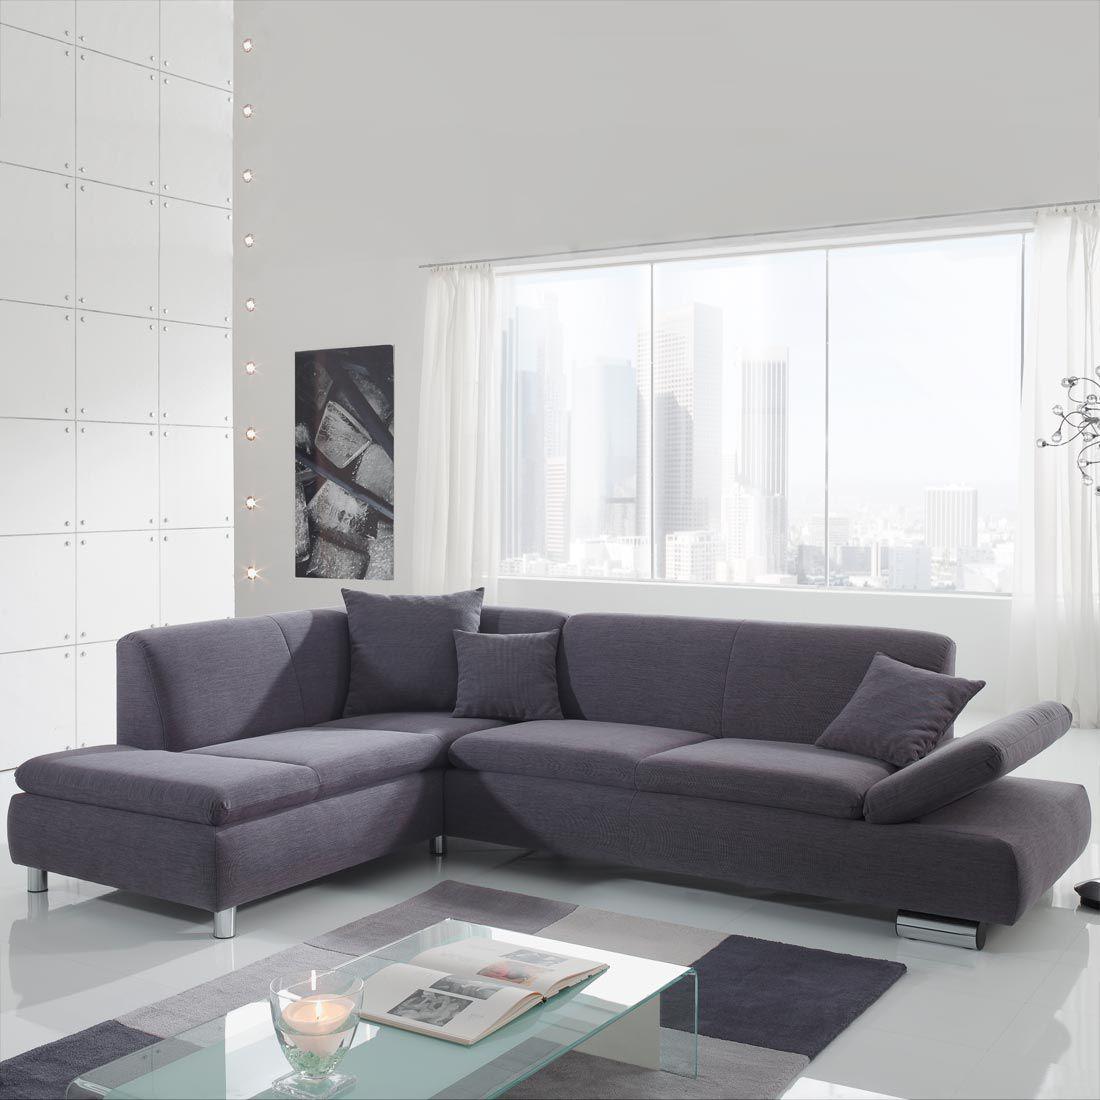 33 sparen ecksofa nantes von max winzer nur cherry m bel home24. Black Bedroom Furniture Sets. Home Design Ideas